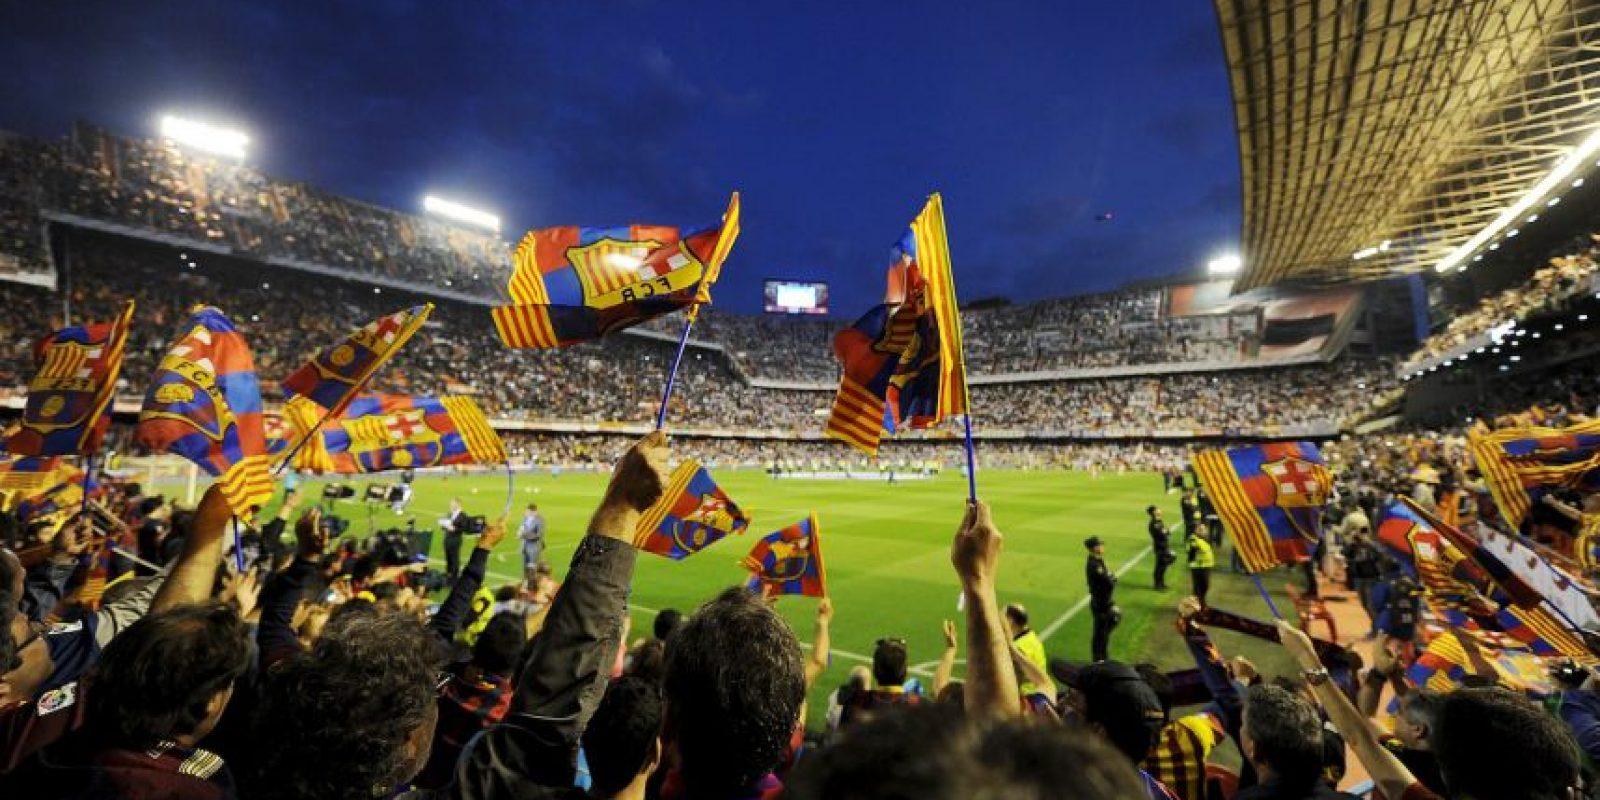 El último encuentro entre ambos, disputado en la casa del Barça, terminó con un 2-1 a favor de los locales. Foto:Getty Images